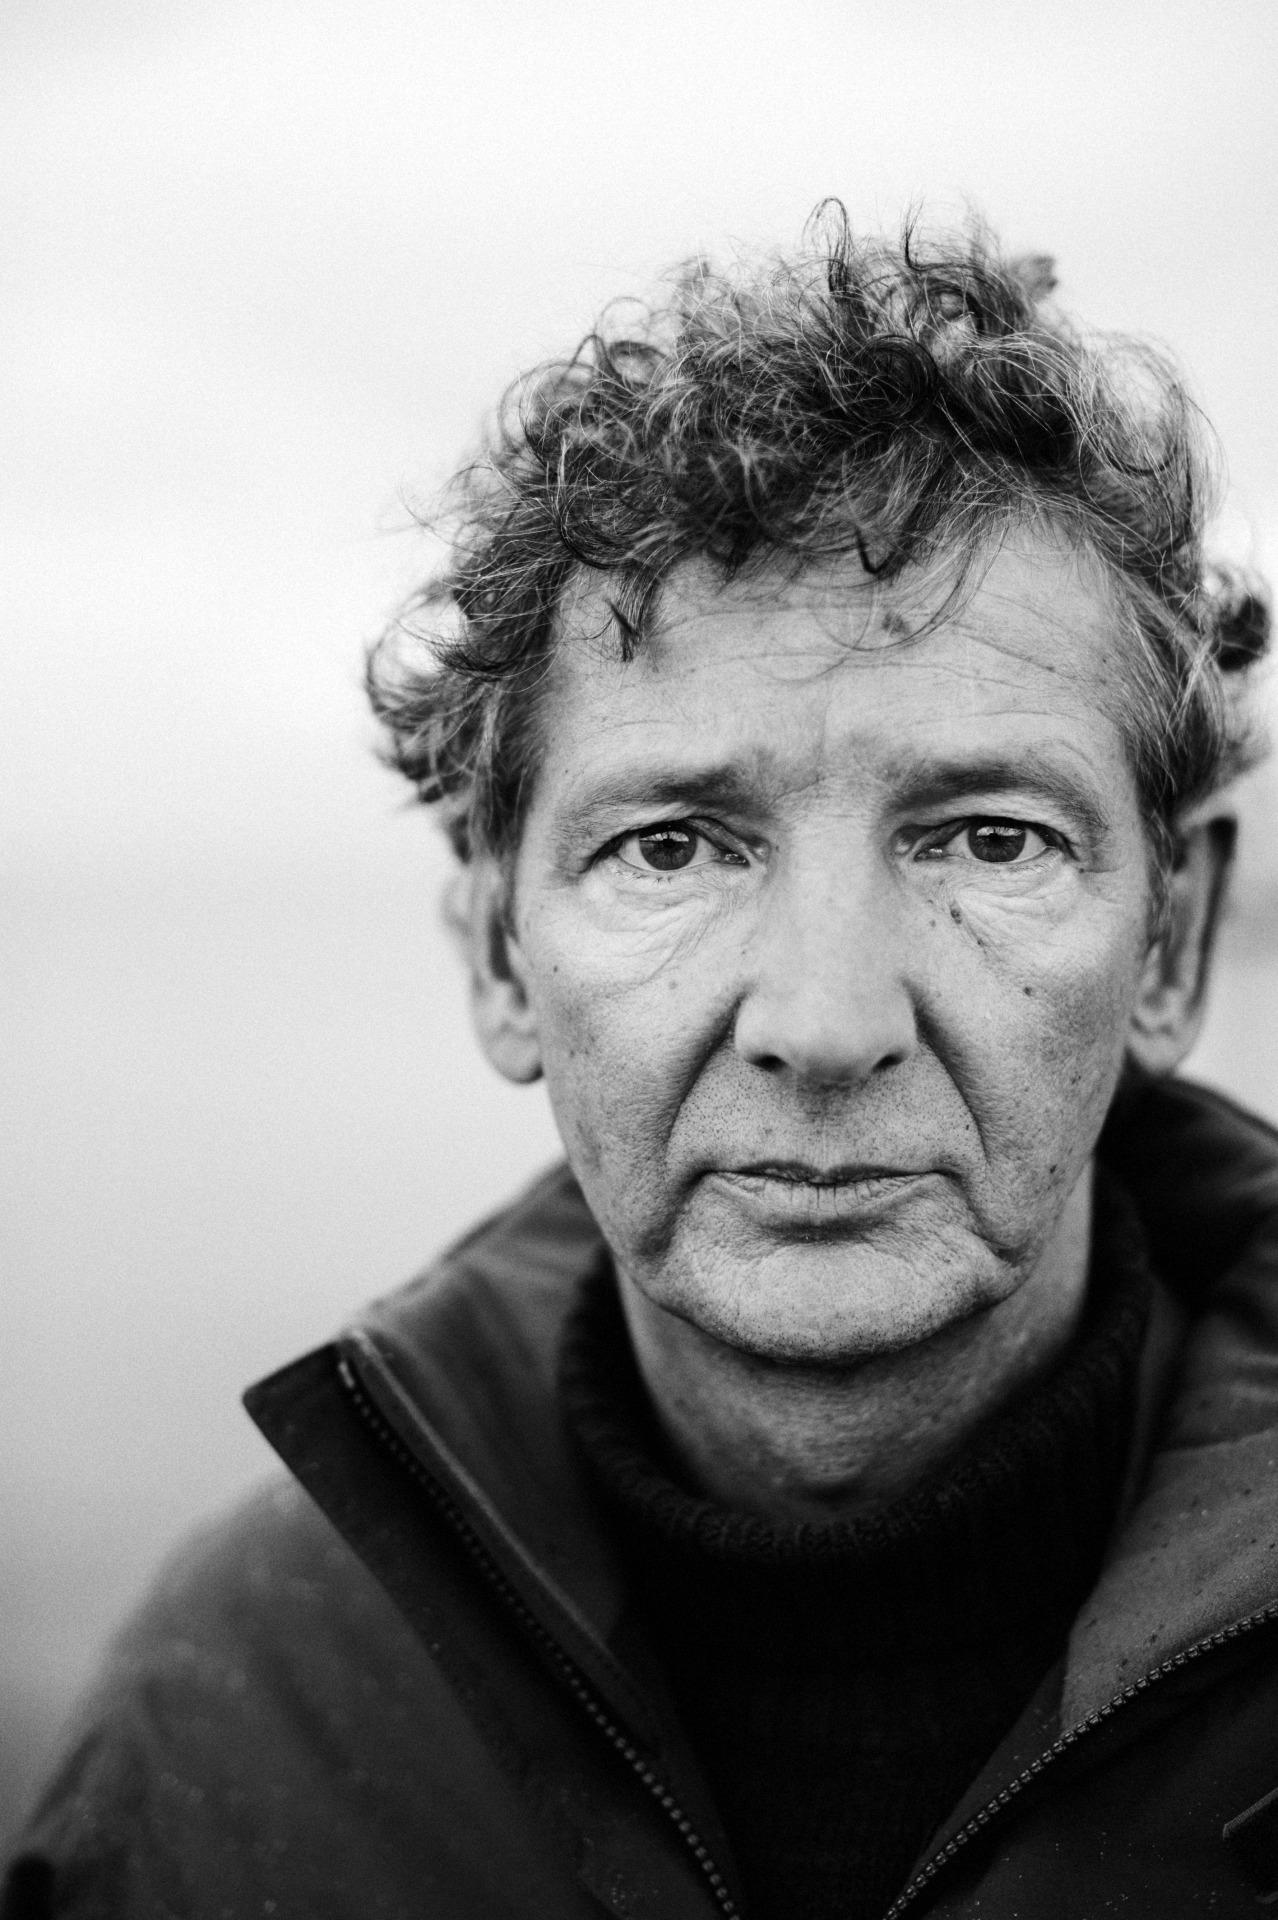 Gerrit Barendrecht